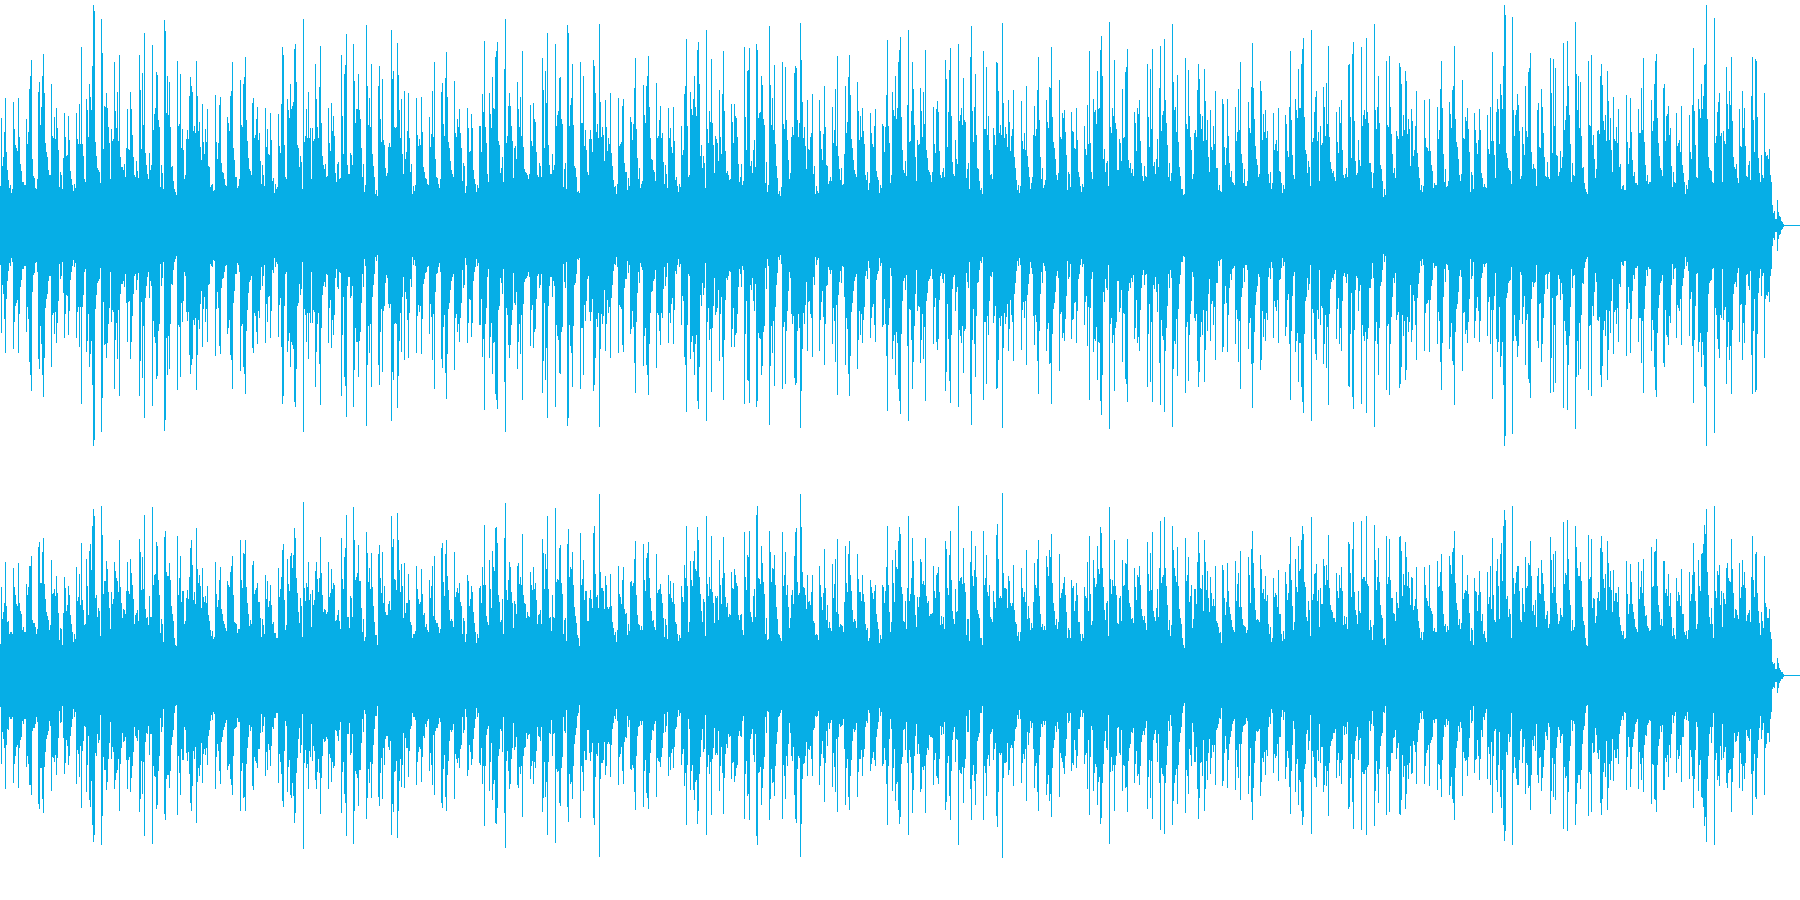 幻想的で穏やかなピアノバラードの再生済みの波形